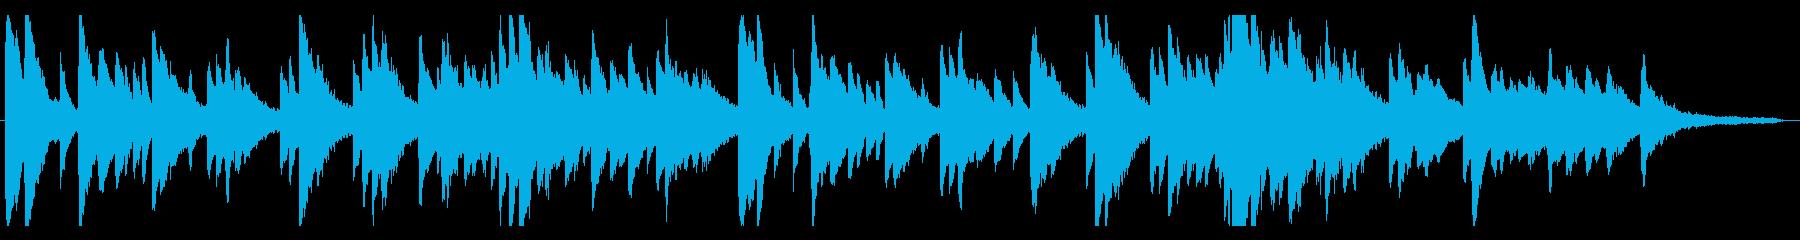 優しい旋律が特徴的なピアノ曲の再生済みの波形